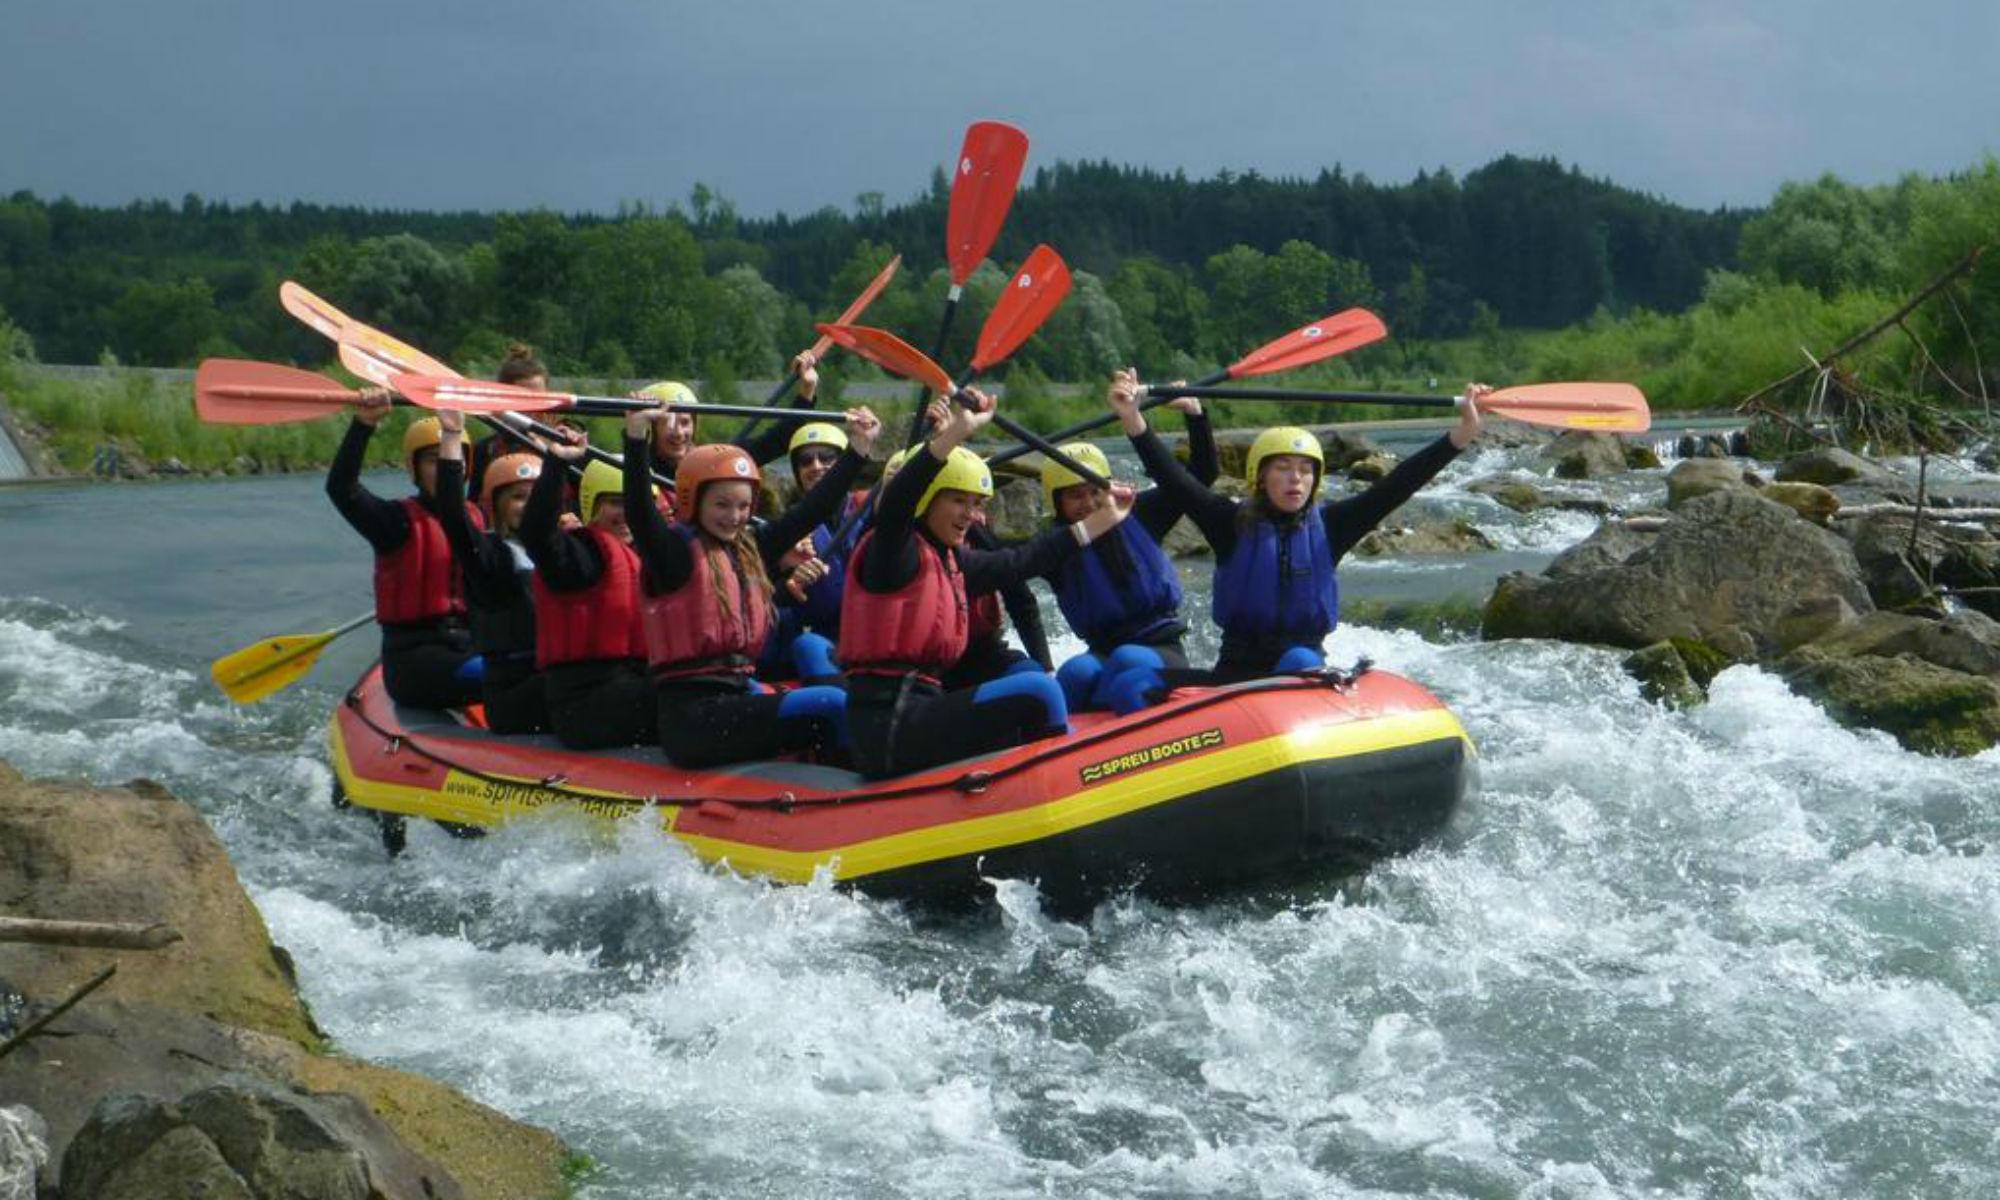 Eine Gruppe in einem großen Schlauchboot beim Rafting im Allgäu.